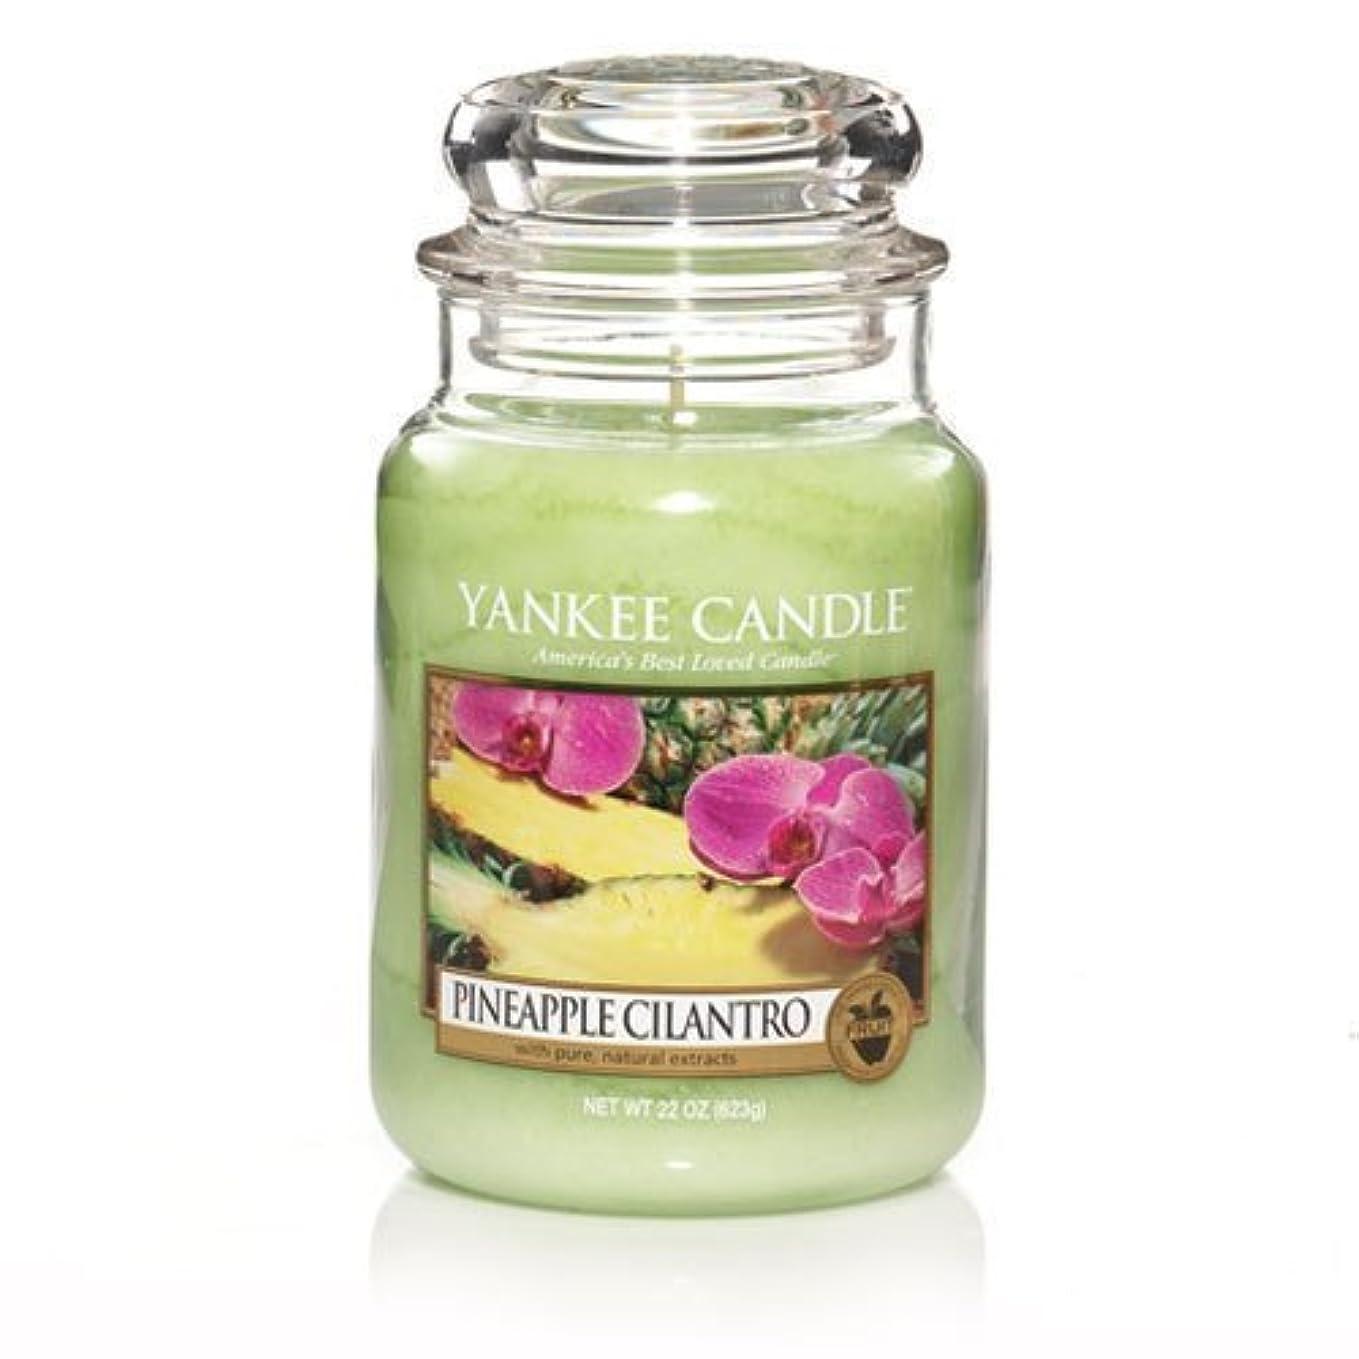 勤勉な枠歴史家Yankee Candle Pineapple Cilantro Large Jar 22oz Candle by Amazon source [並行輸入品]